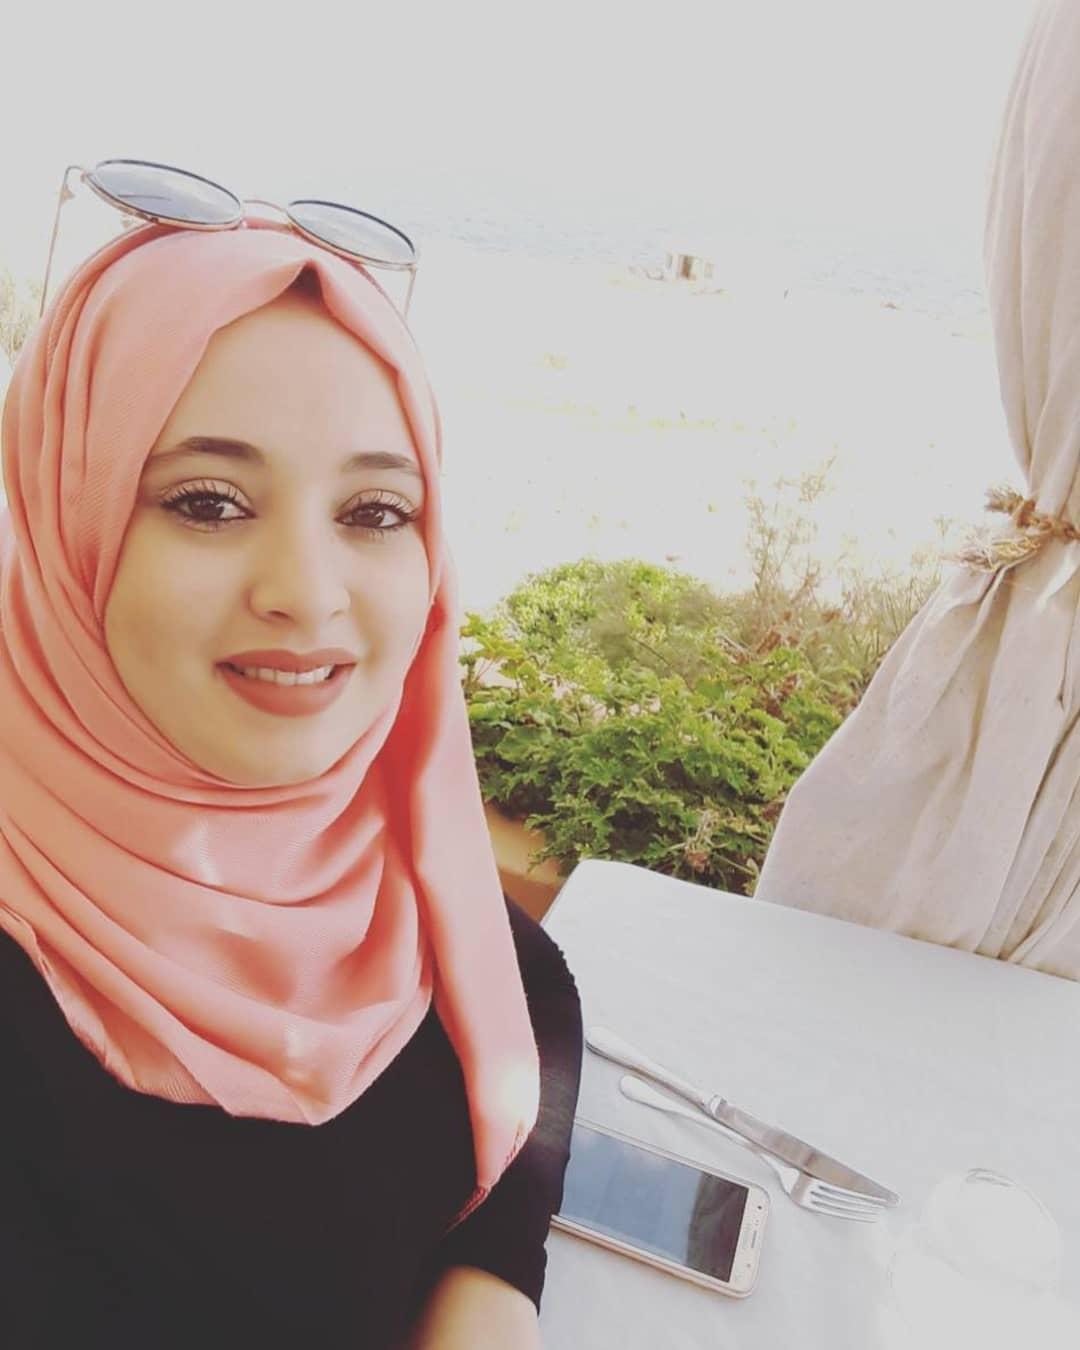 صورة جميلة انتى بحجابك , بنات محجبات 5898 2